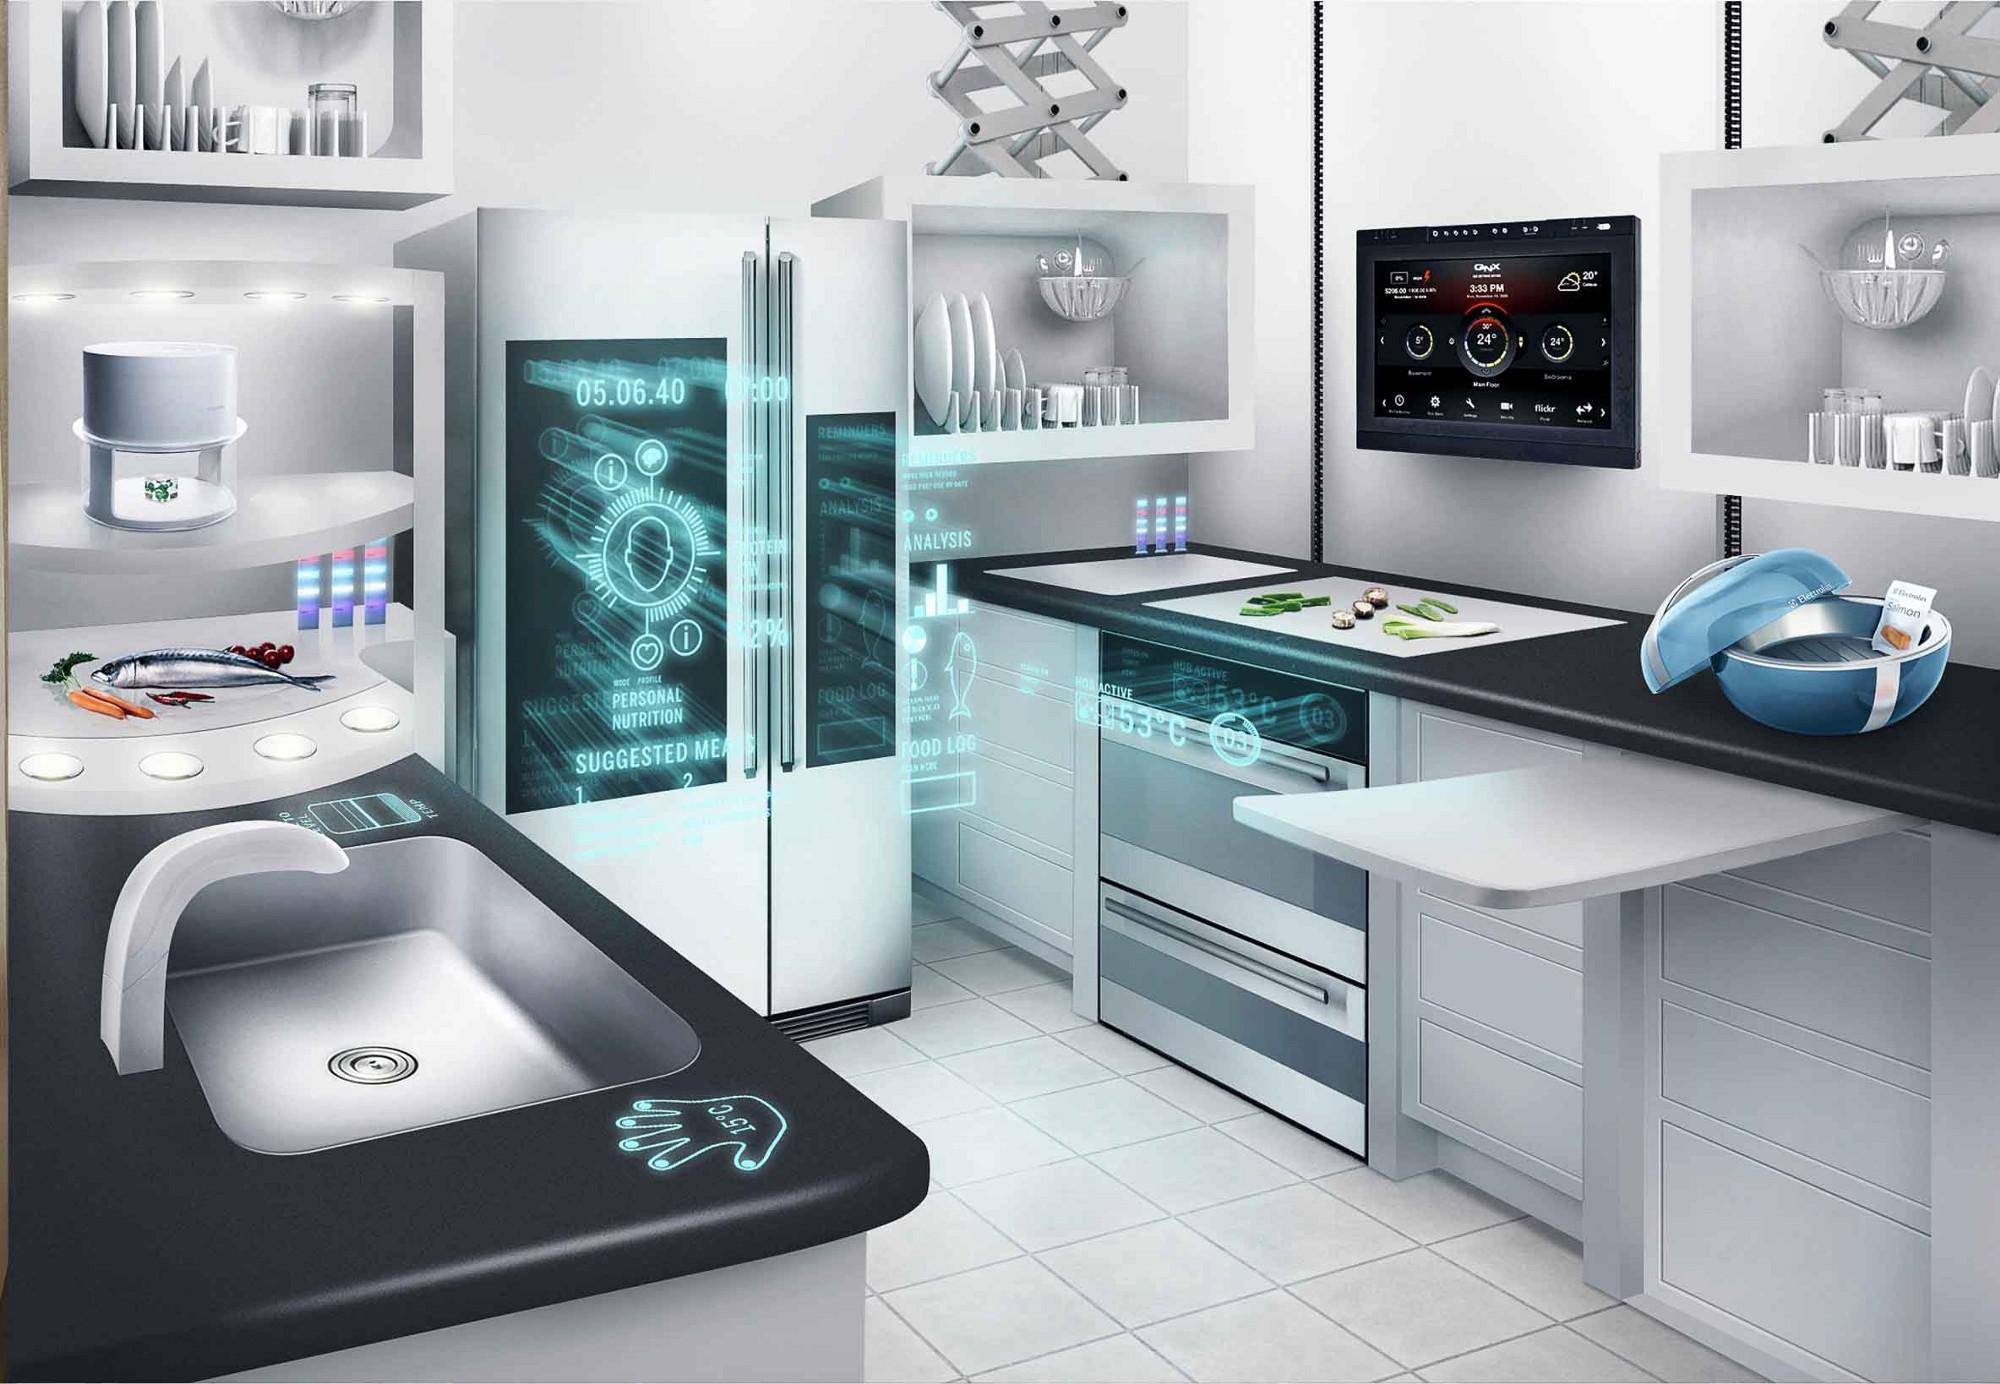 How Interior Designer Can Market Kitchen Appliances